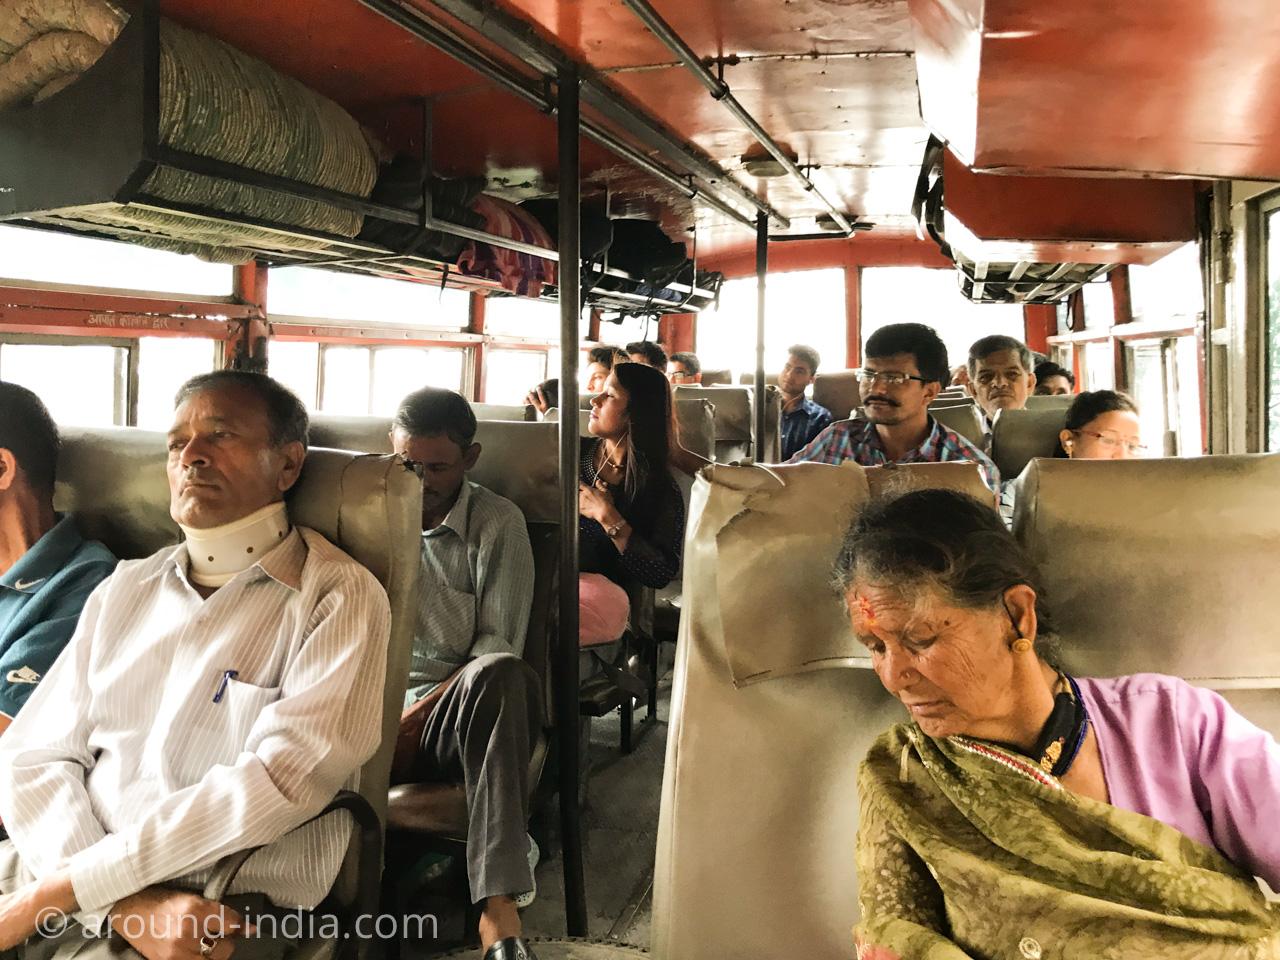 インドのローカルバスと乗客 ウッタラカンド